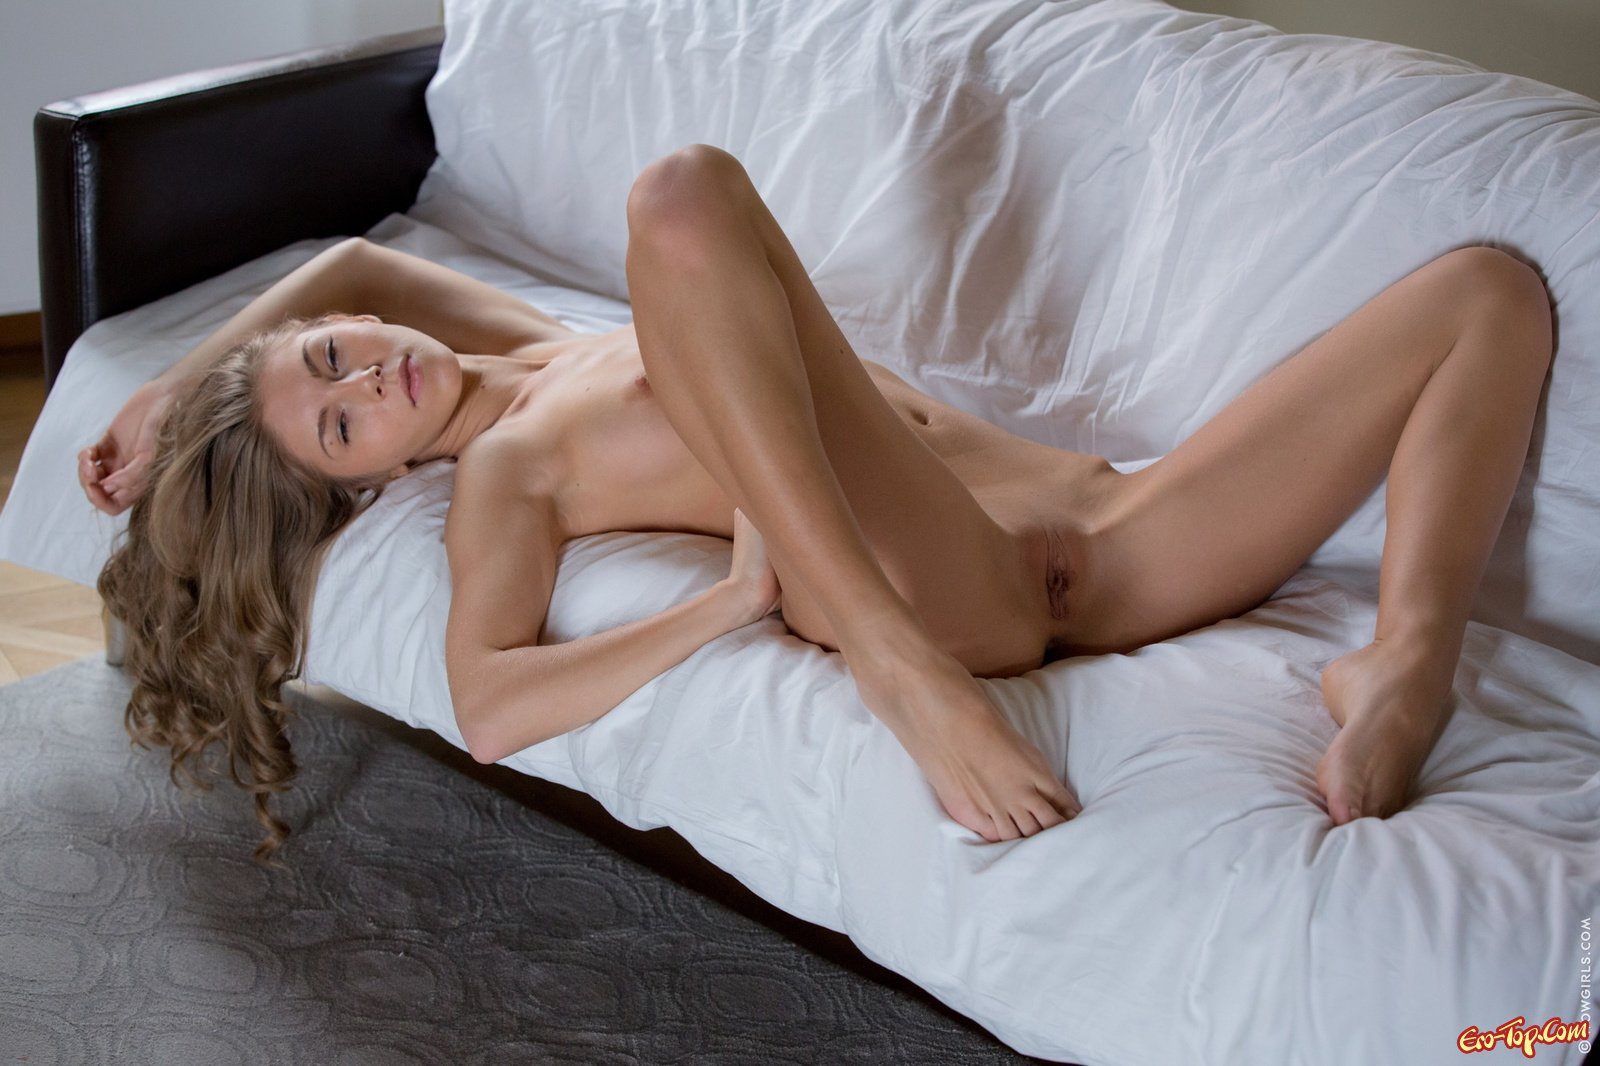 Кудрявая обнаженная блонди секс фото